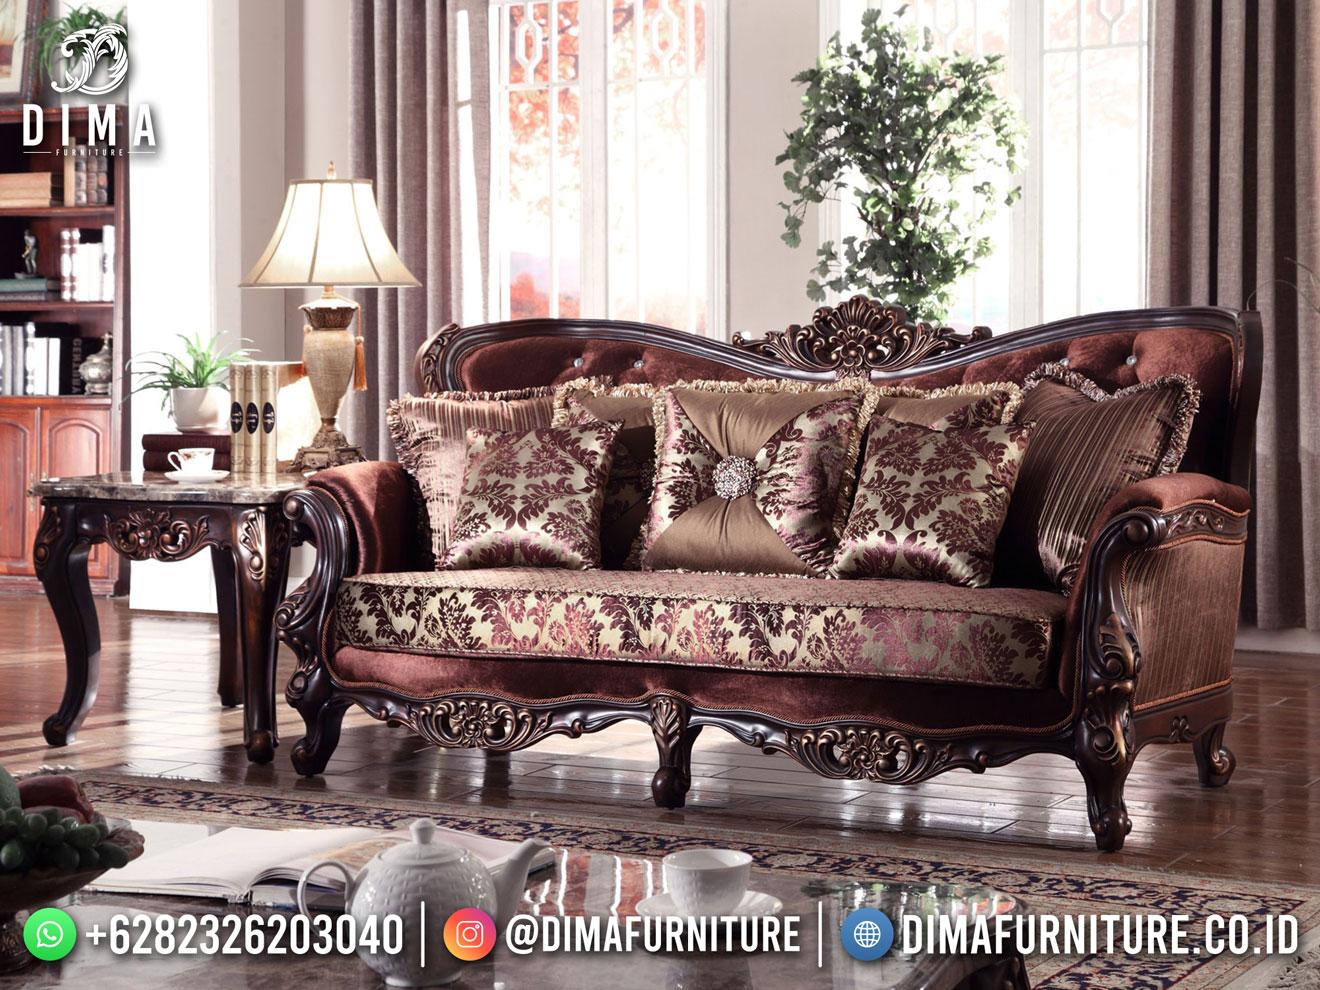 Sofa Tamu Jati Jepara Natural Beauty Carving Elegant Design TTJ-1804